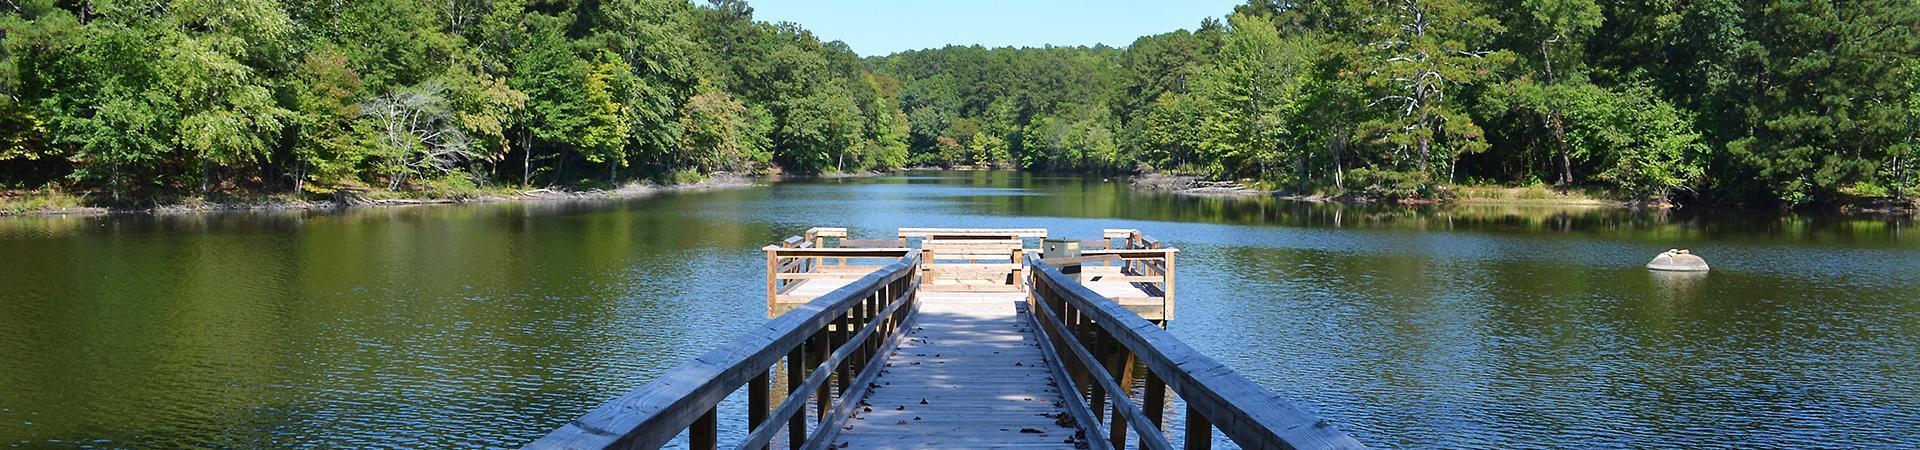 Dock on Lake